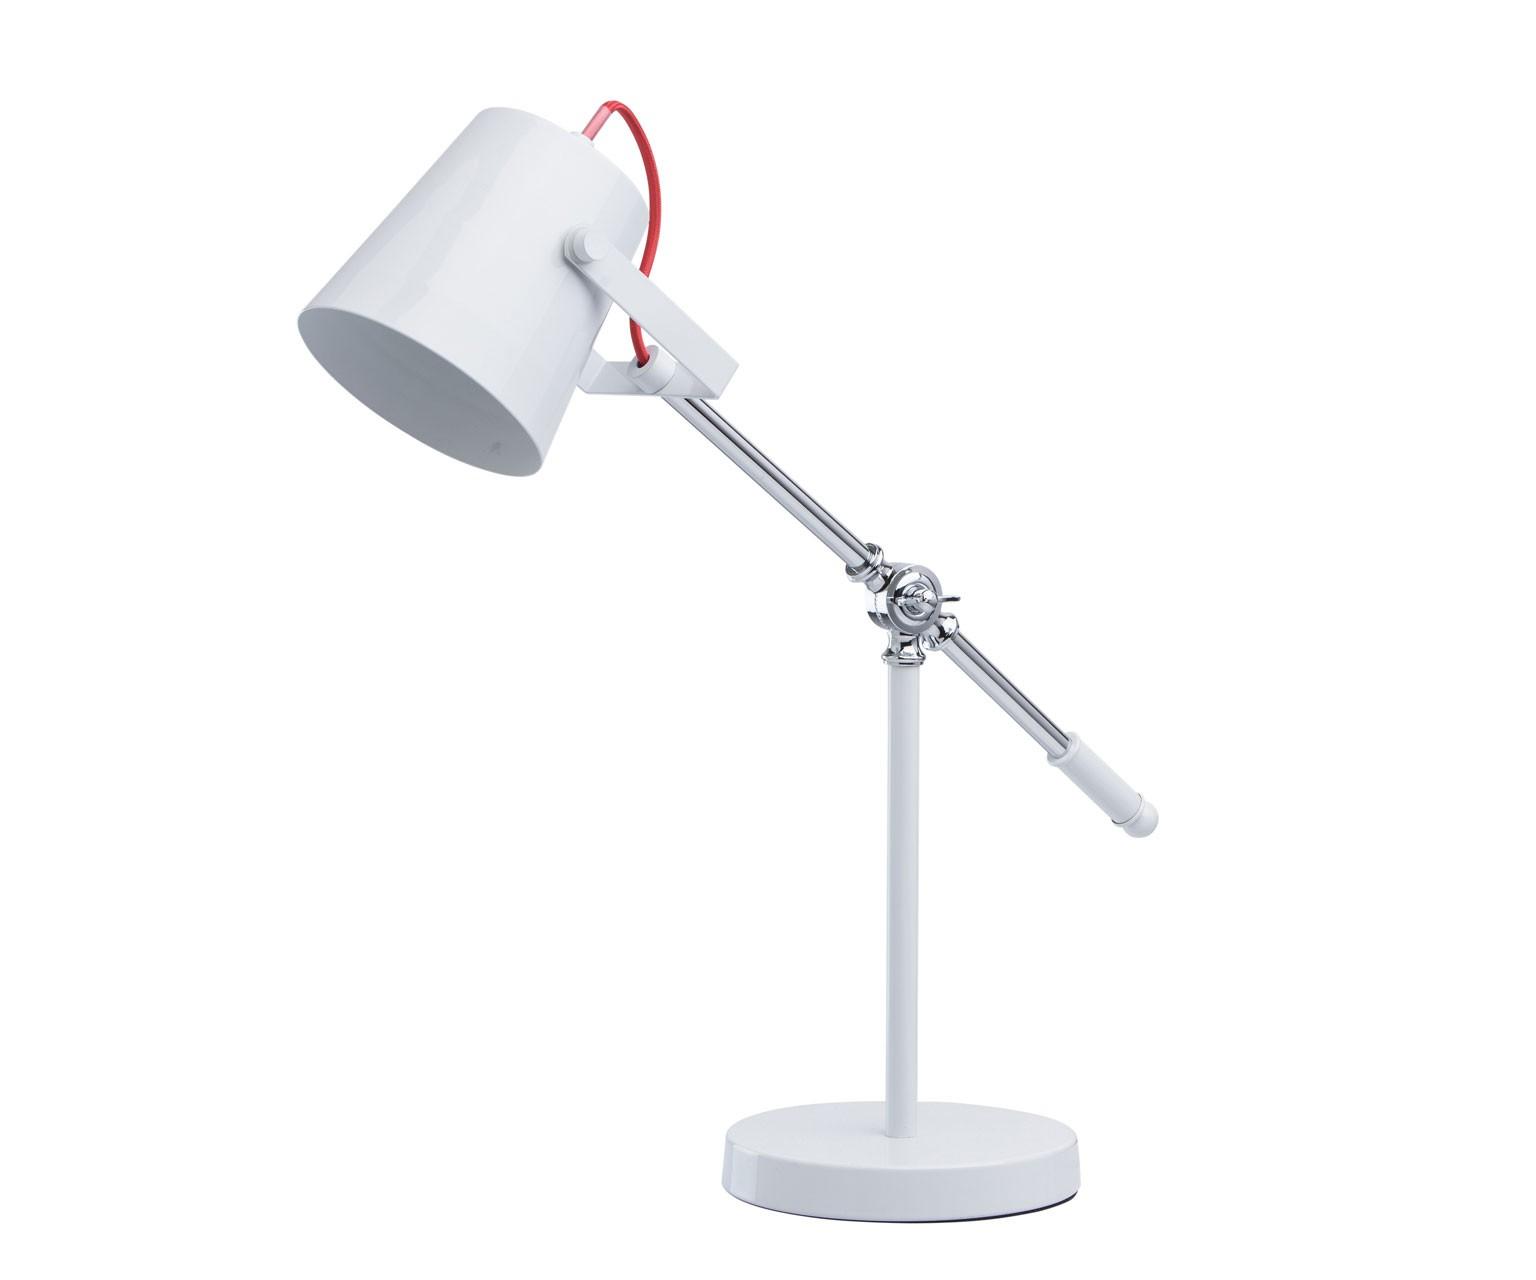 Настольная лампа АкцентНастольные лампы<br>Цоколь: E14,&amp;amp;nbsp;&amp;lt;div&amp;gt;Мощность лампы: 40W,&amp;amp;nbsp;&amp;lt;/div&amp;gt;&amp;lt;div&amp;gt;Количество ламп: 1&amp;amp;nbsp;&amp;lt;/div&amp;gt;&amp;lt;div&amp;gt;Без лампочек в комплекте.&amp;lt;/div&amp;gt;<br><br>Material: Металл<br>Ширина см: 60<br>Высота см: 63<br>Глубина см: 19